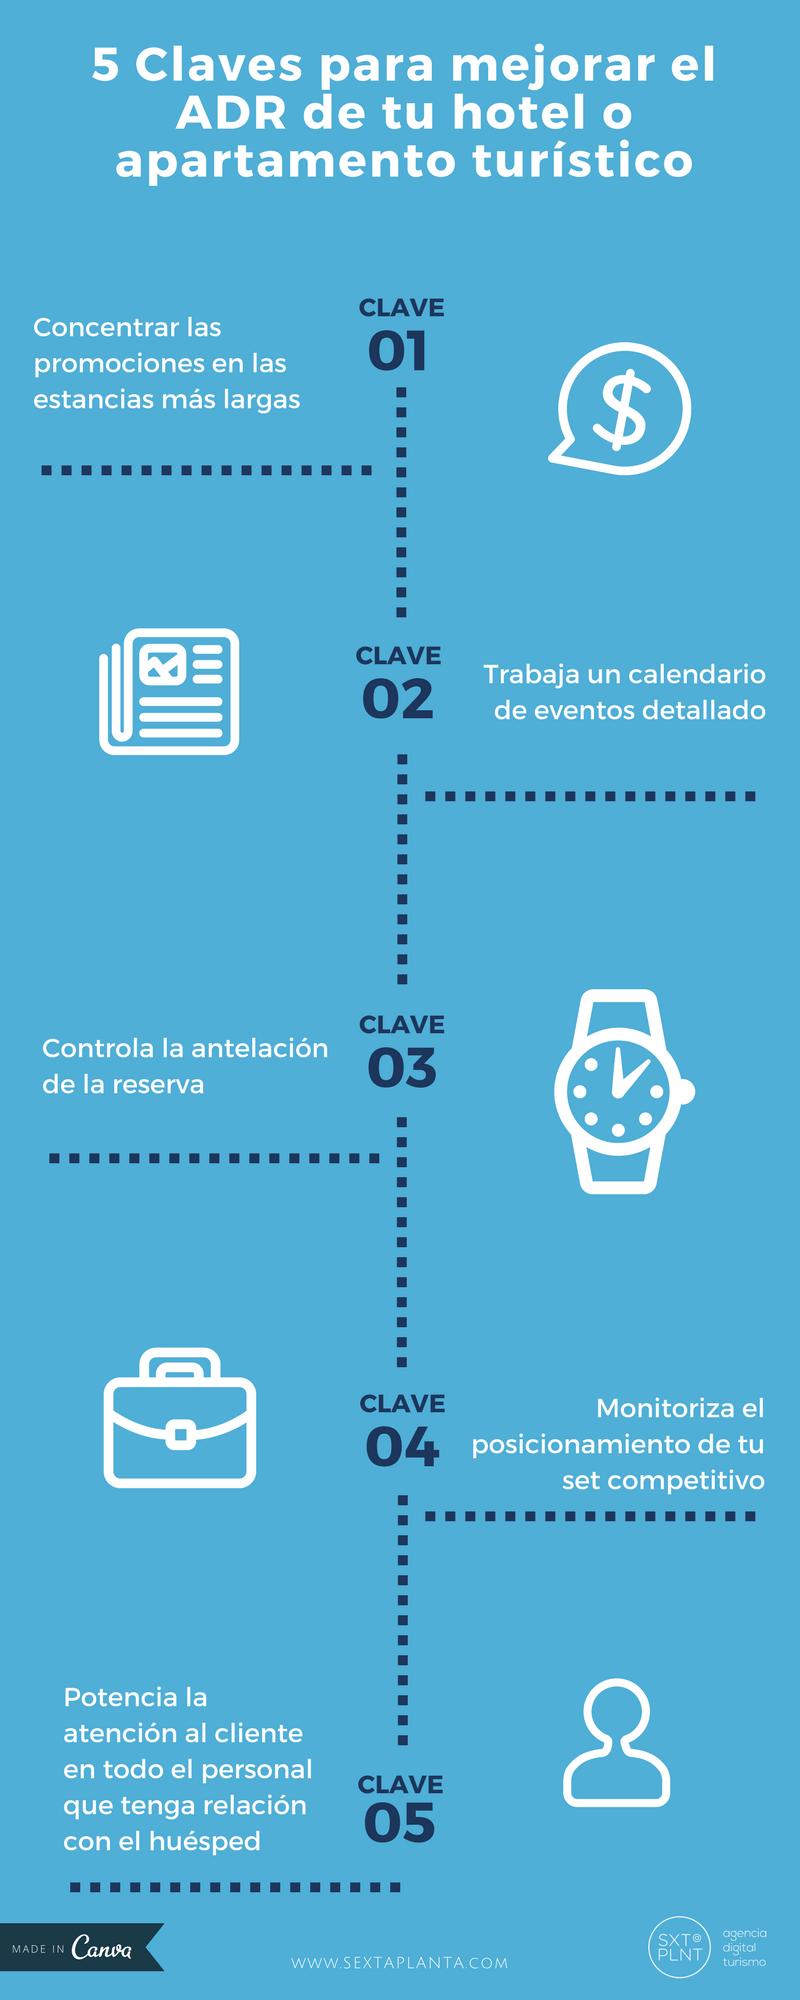 infografia-sextaplanta-claves-mejorar-adr